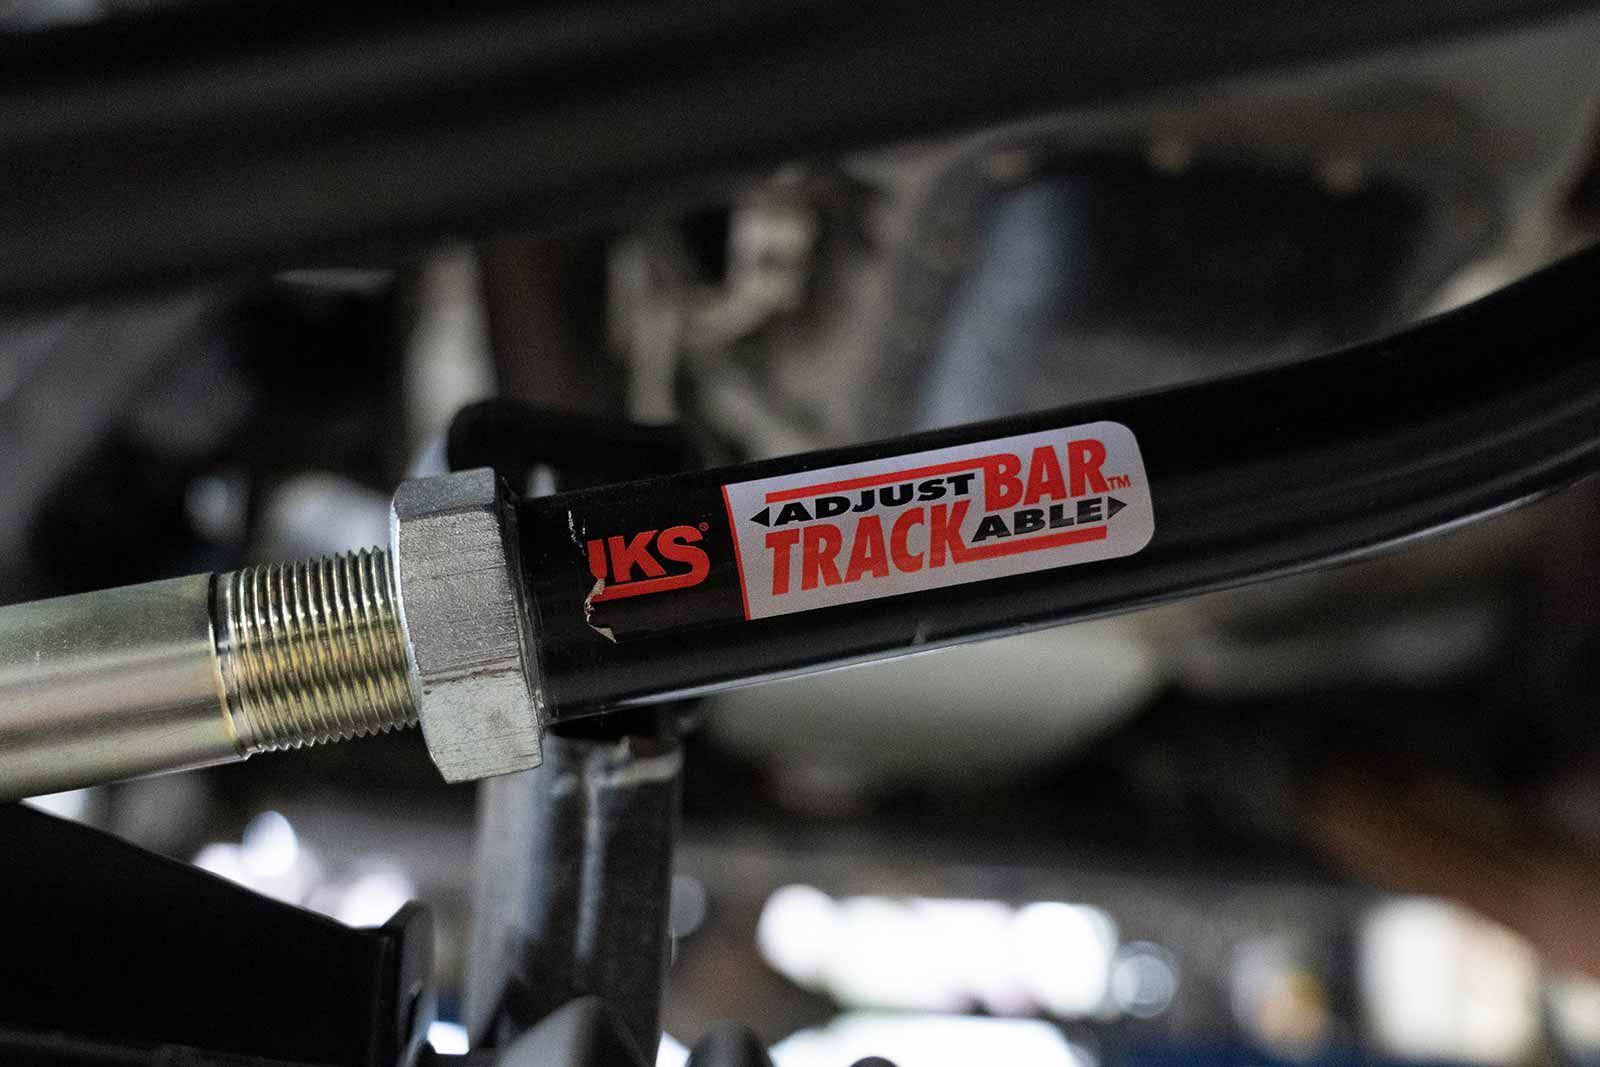 Jks Adjustable Front Track Bar For 2007 2015 Jeep Wrangler Jk Wrangler Jk Jeep Wrangler Jk 2015 Jeep Wrangler